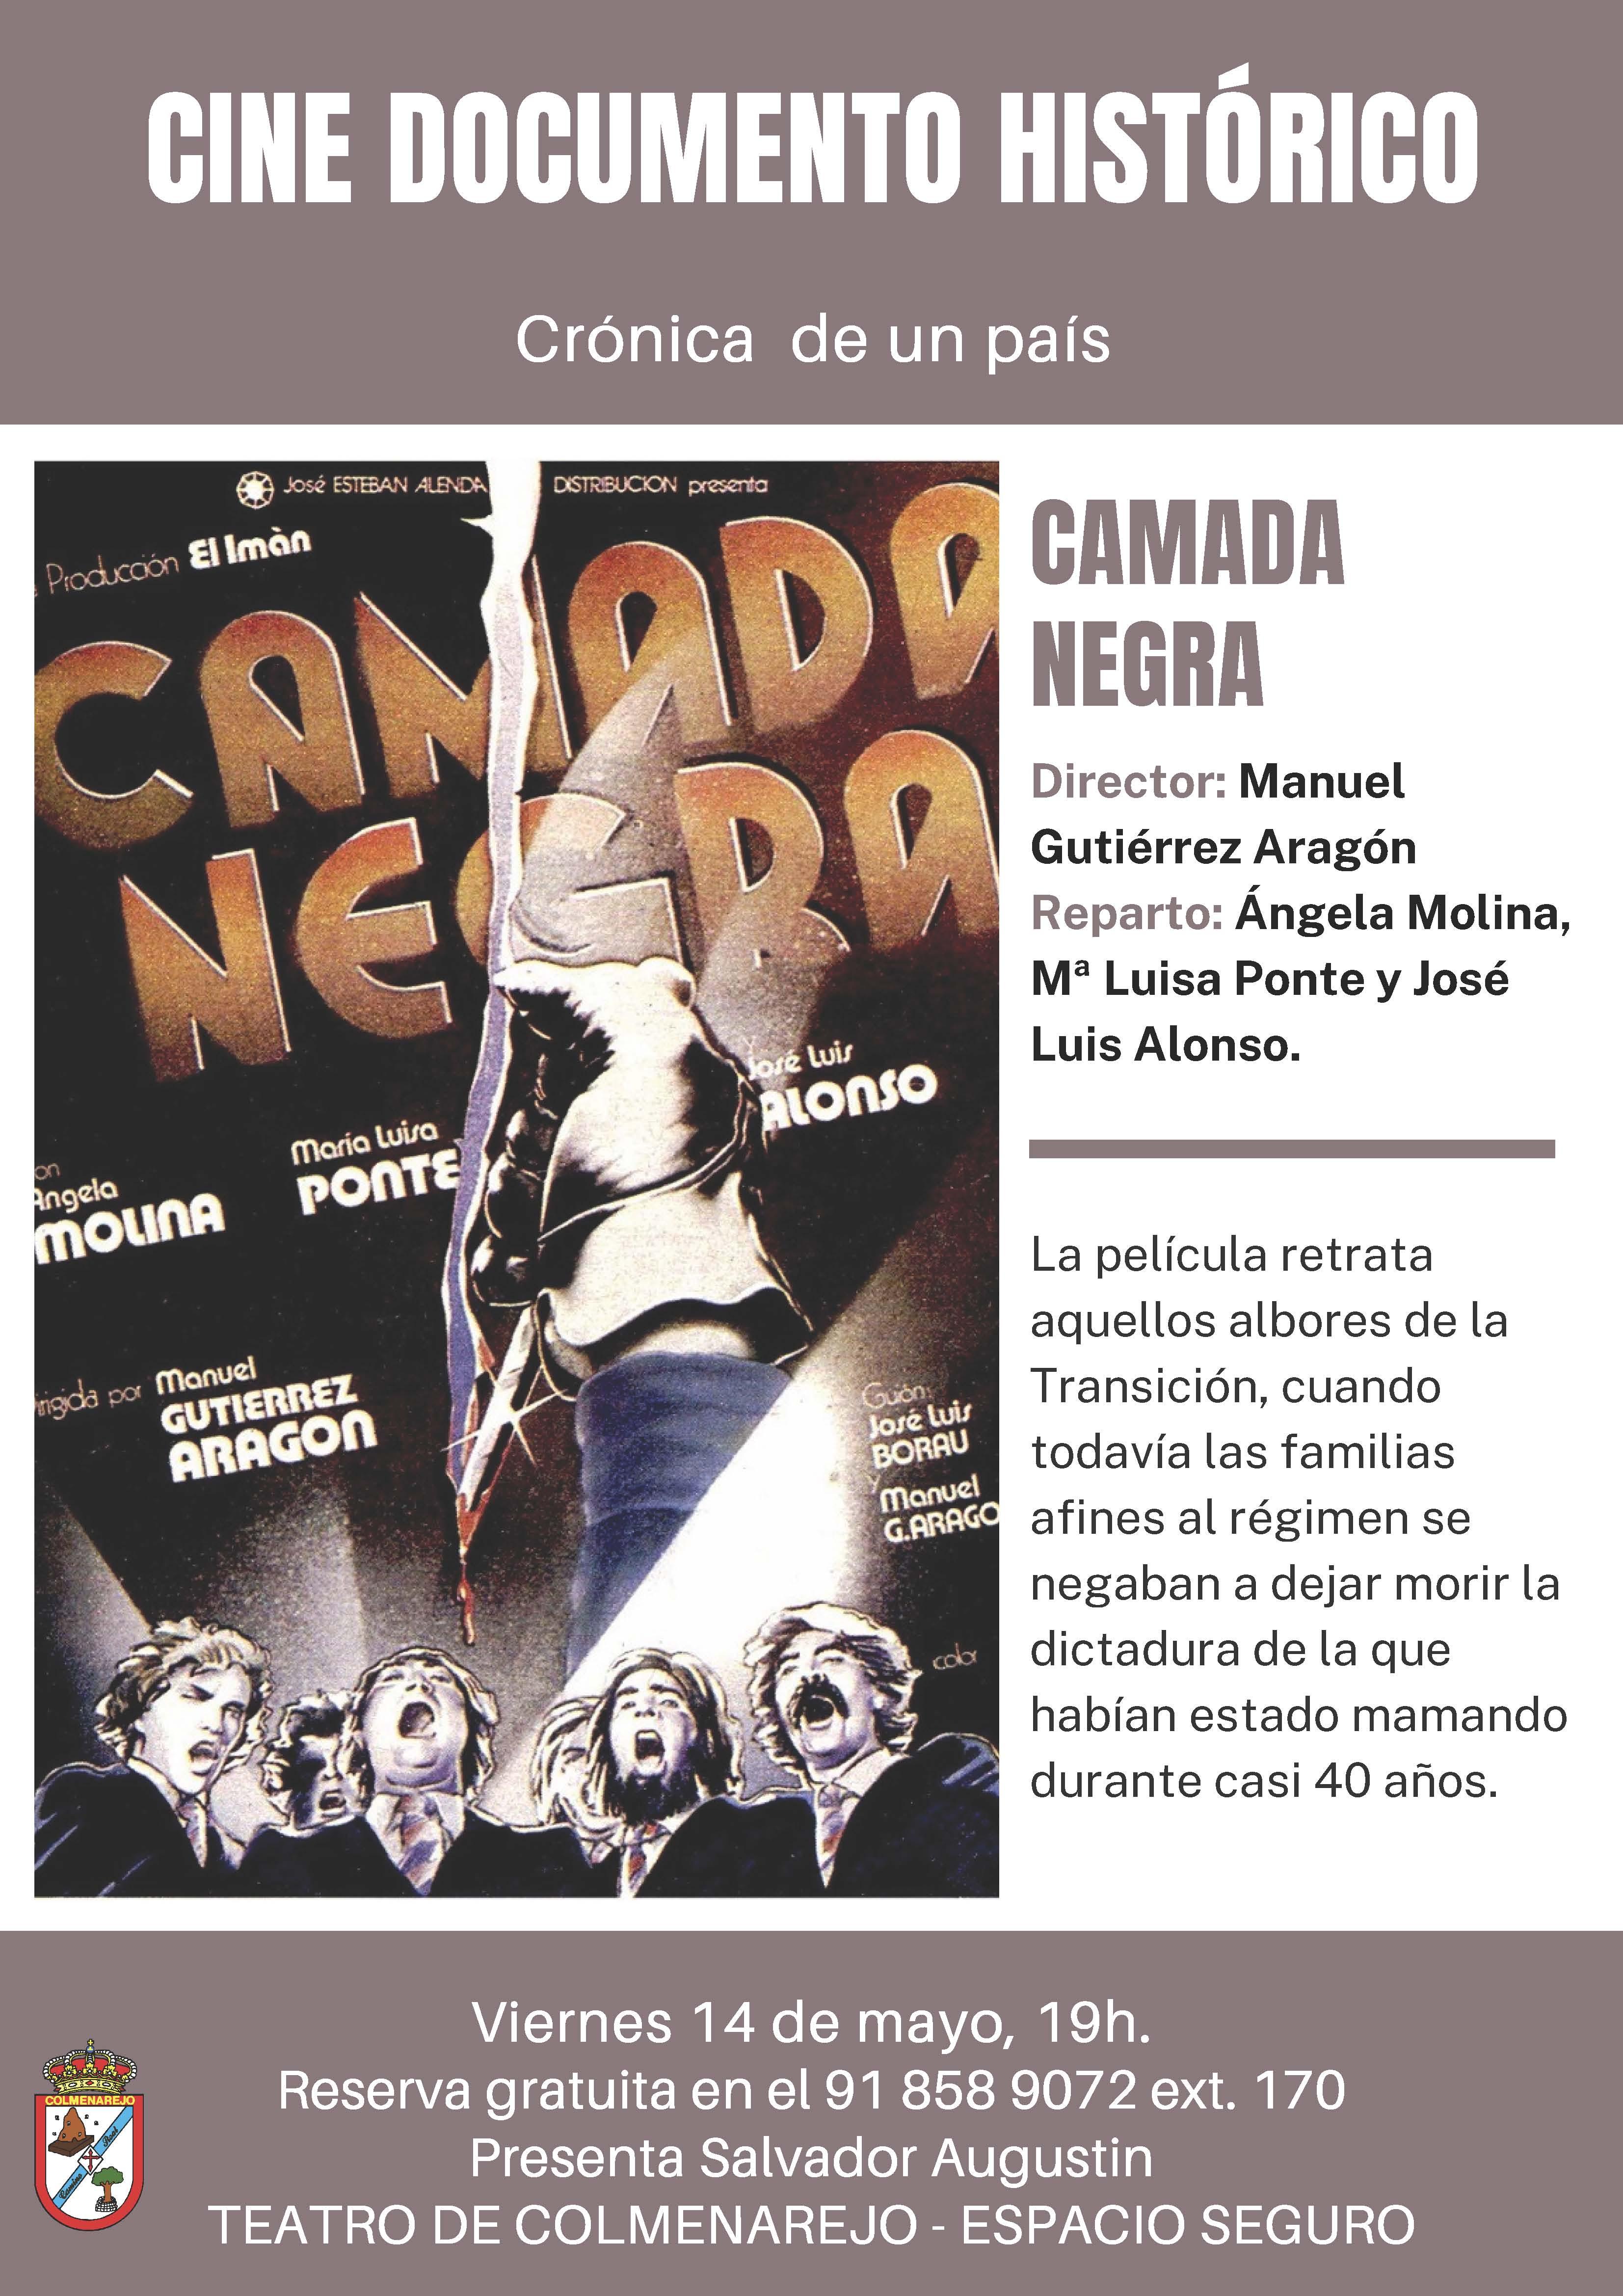 Cine y Transición: CAMADA NEGRA @ Teatro de Colmenarejo